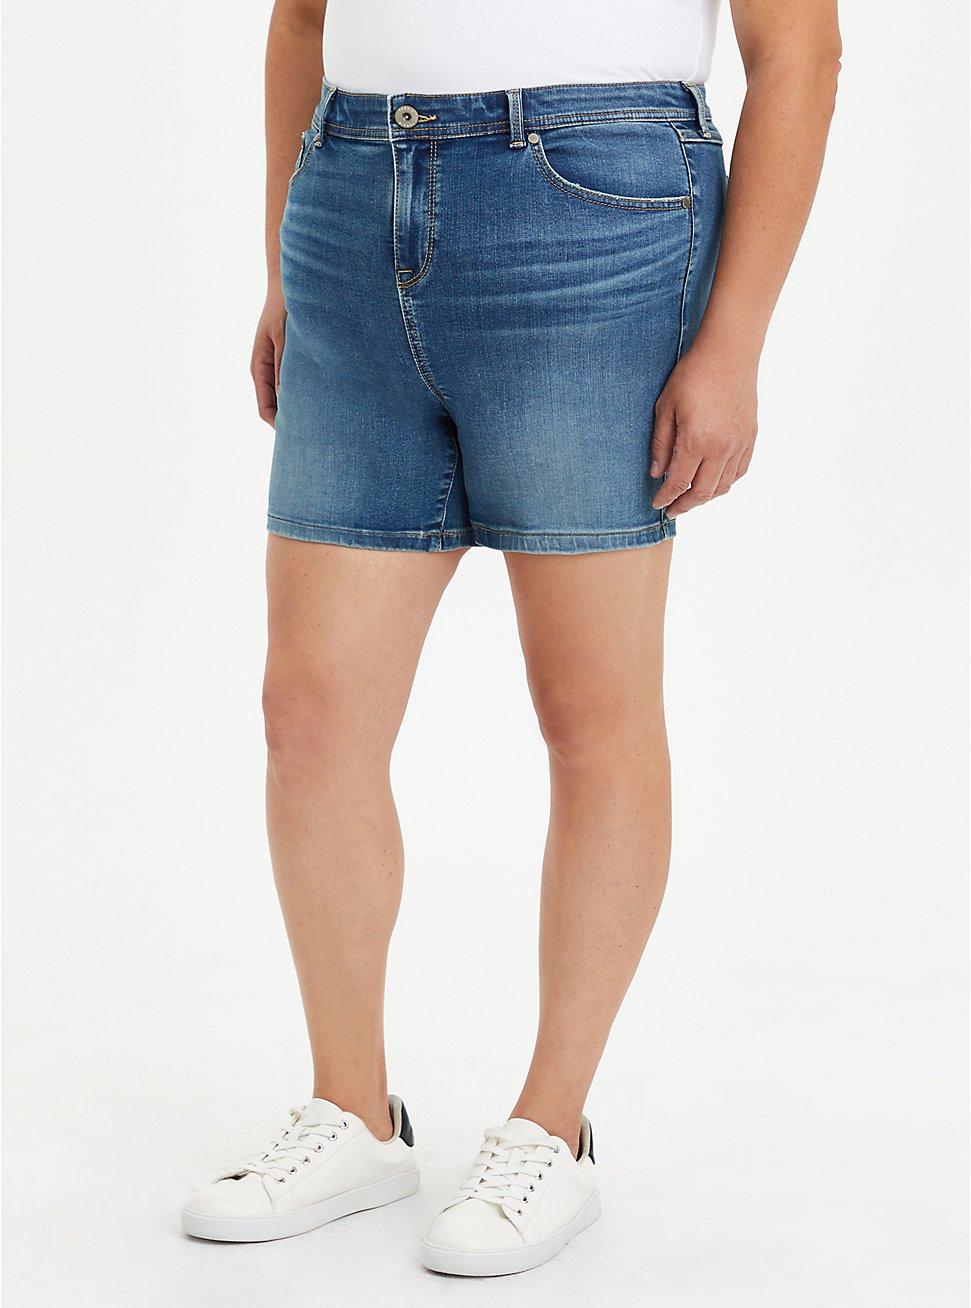 Plus Size Midfit Midi Short - Super Soft Eco Medium Wash, MARITIME, hi-res